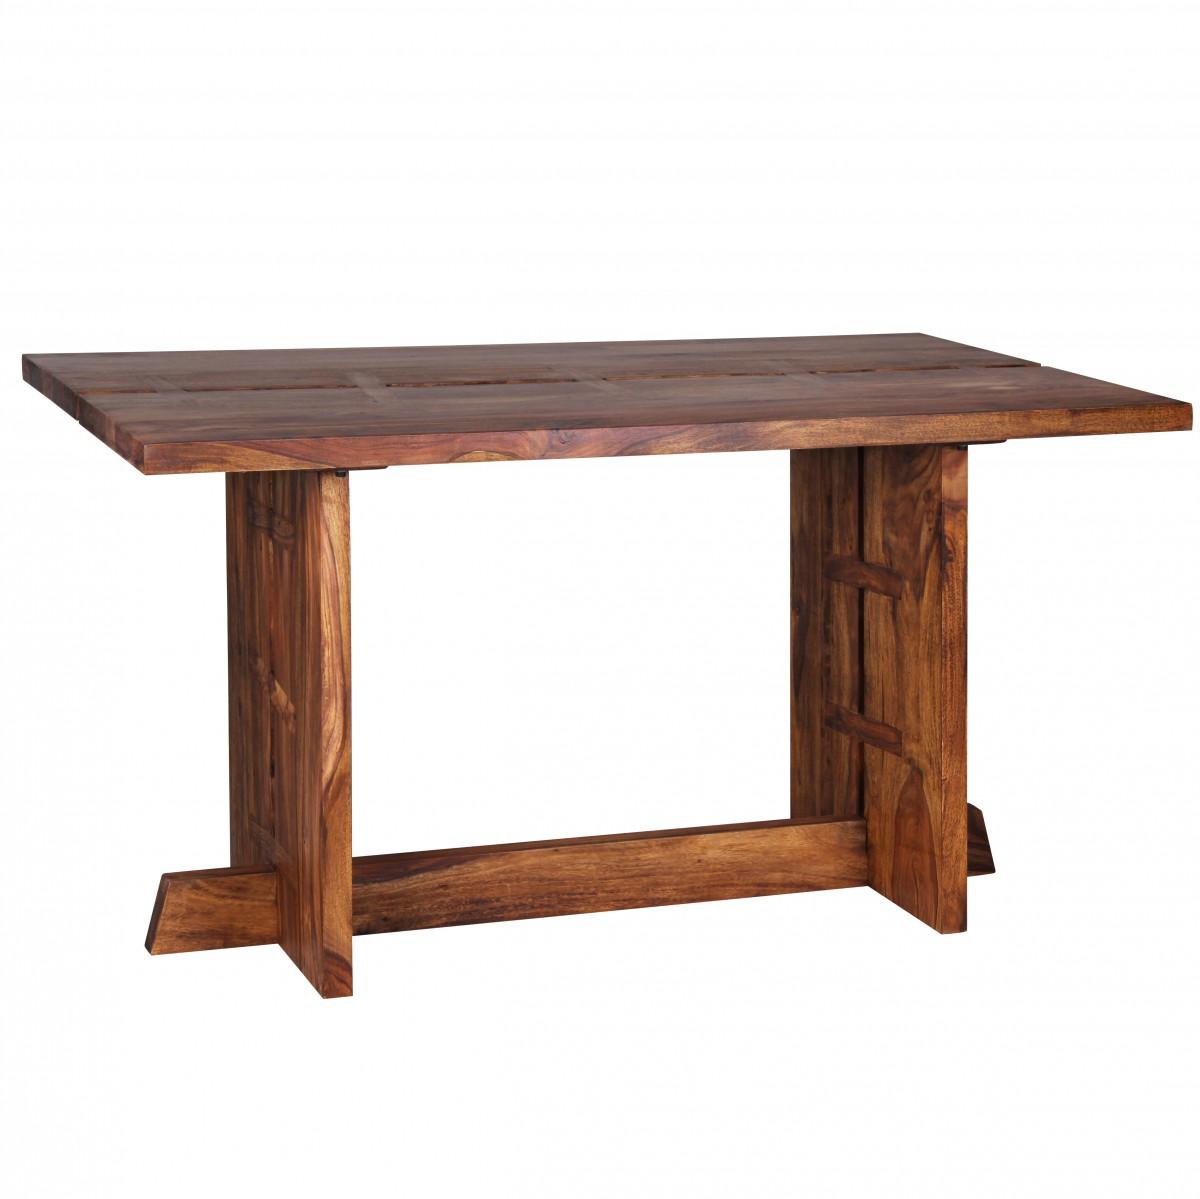 wohnling design esstisch massivholz sheesham k chentisch 140 x 80 cm tisch neu ebay. Black Bedroom Furniture Sets. Home Design Ideas